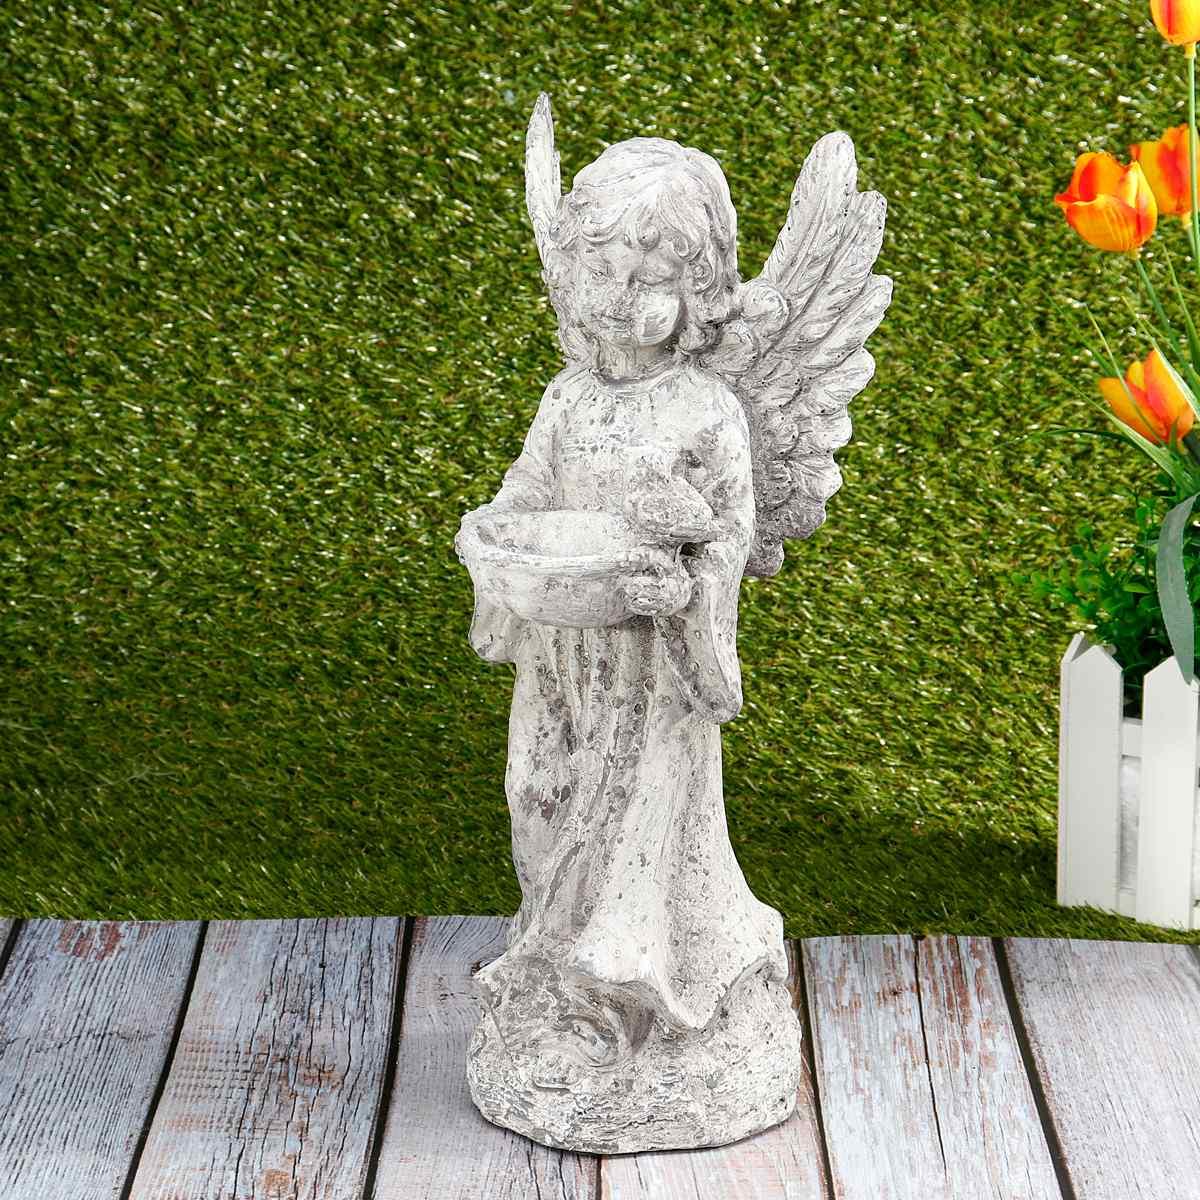 Jardin oiseaux mangeoires Statue mignon cupidon ange ornements décoration artisanat bureau ornement pour maison jardin cadeau Figurines